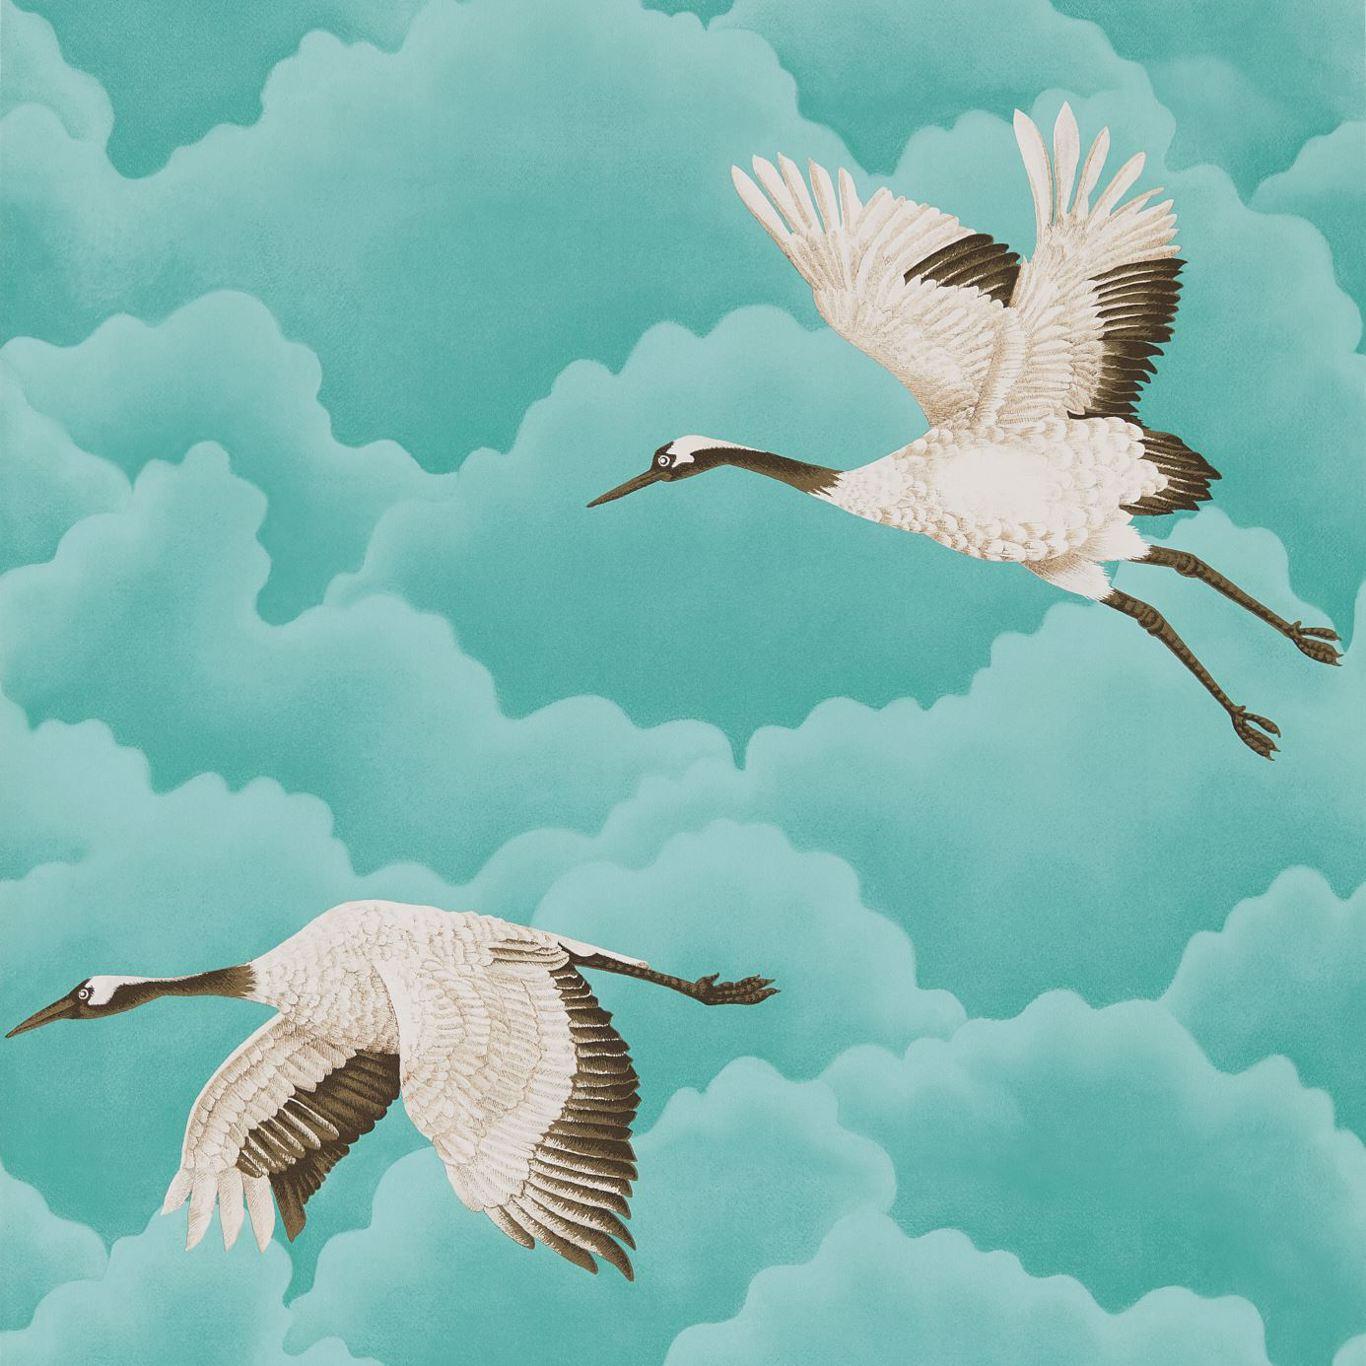 Cranes In Flight by HAR